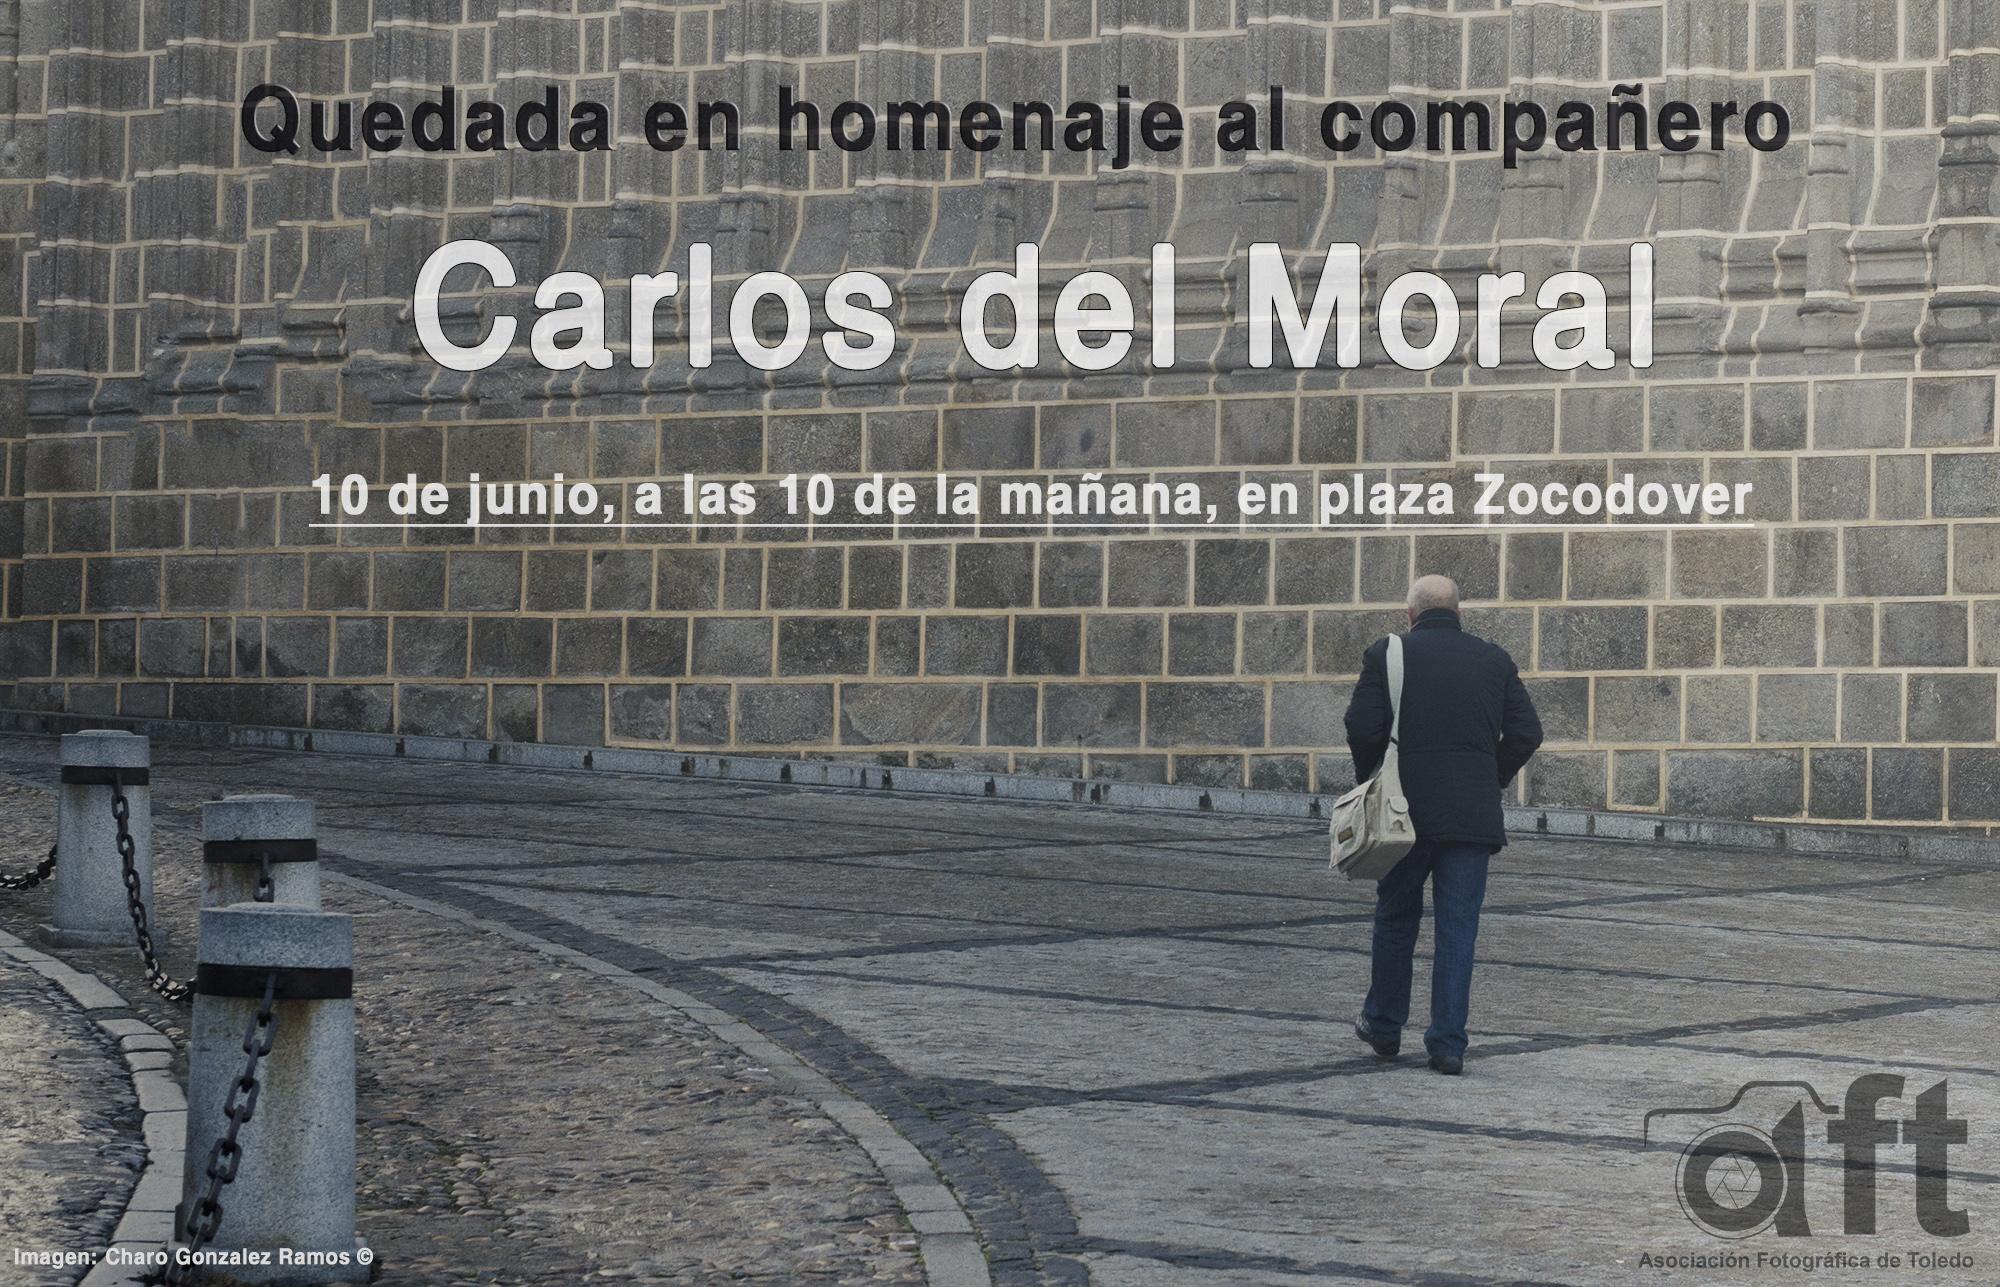 Quedada en homenaje a Carlos del Moral